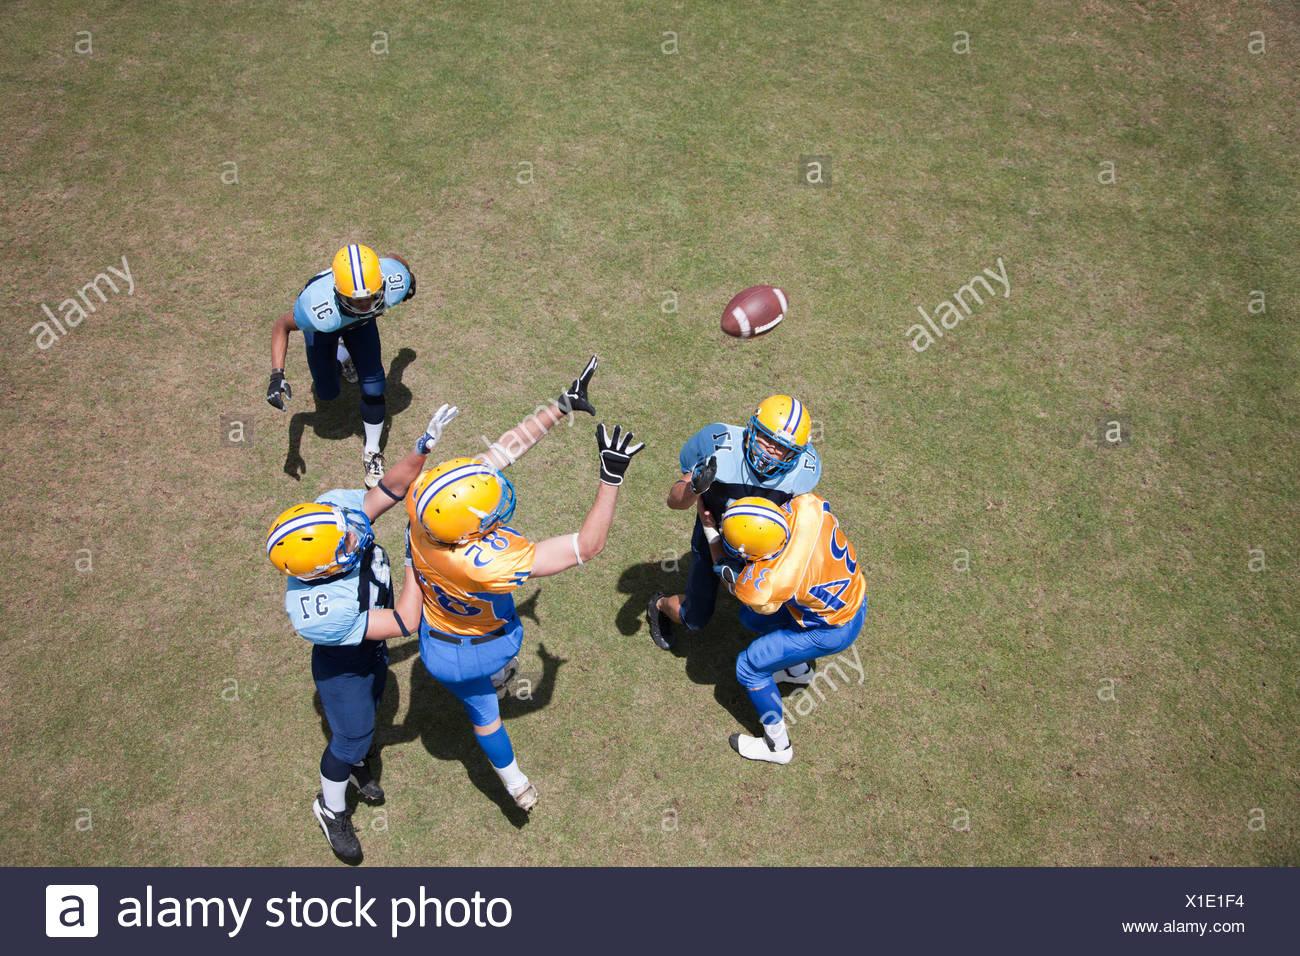 Giocatore di calcio giocando a calcio Immagini Stock